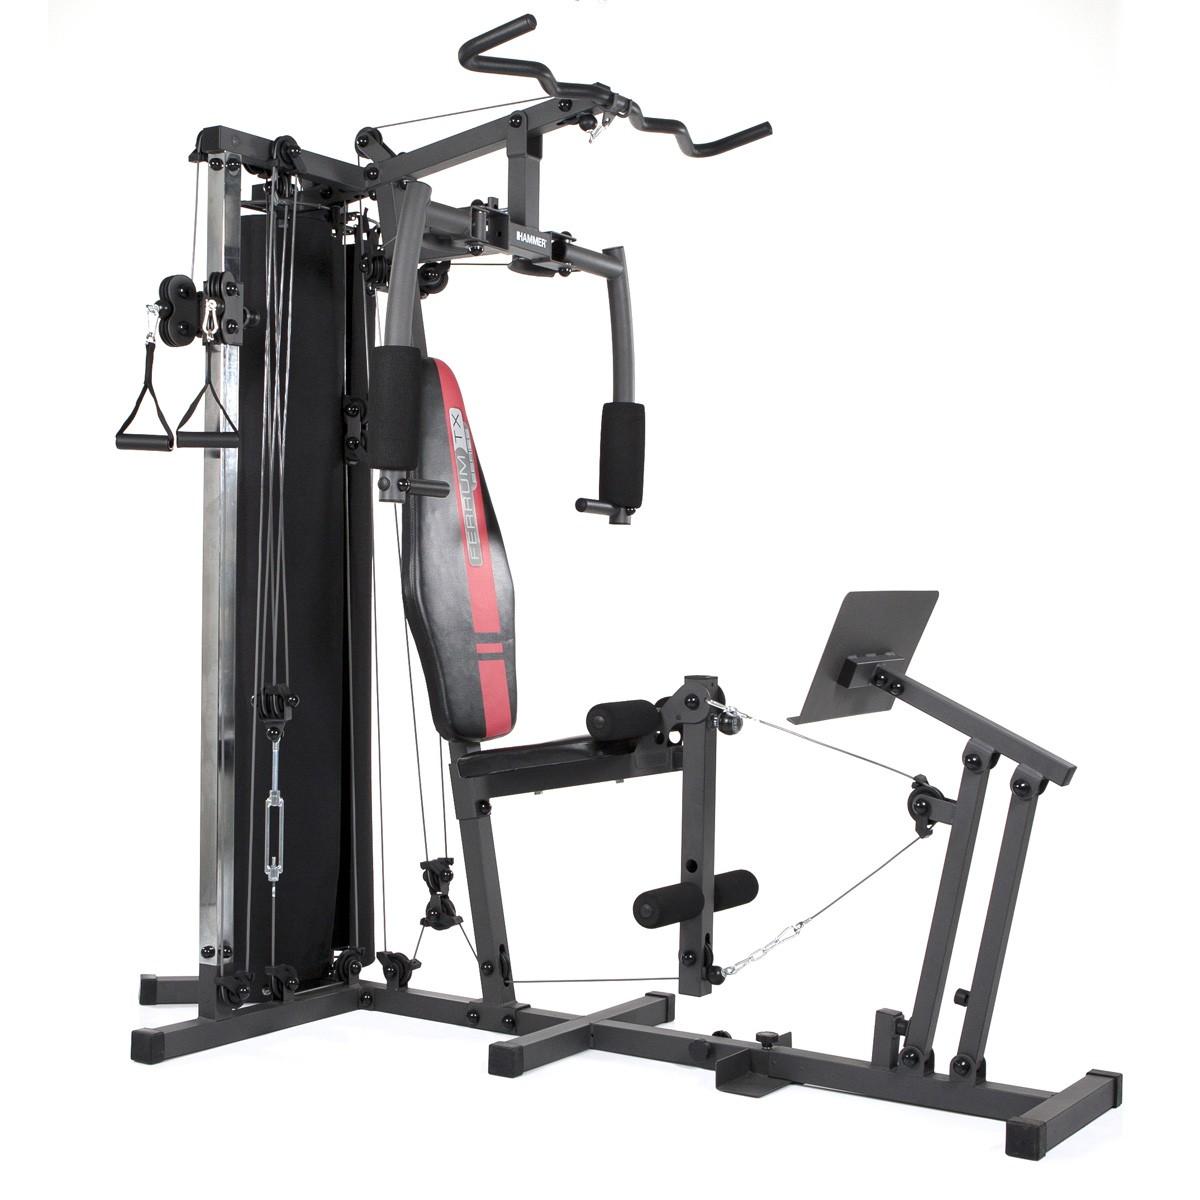 Hammer multi gym ferrum tx